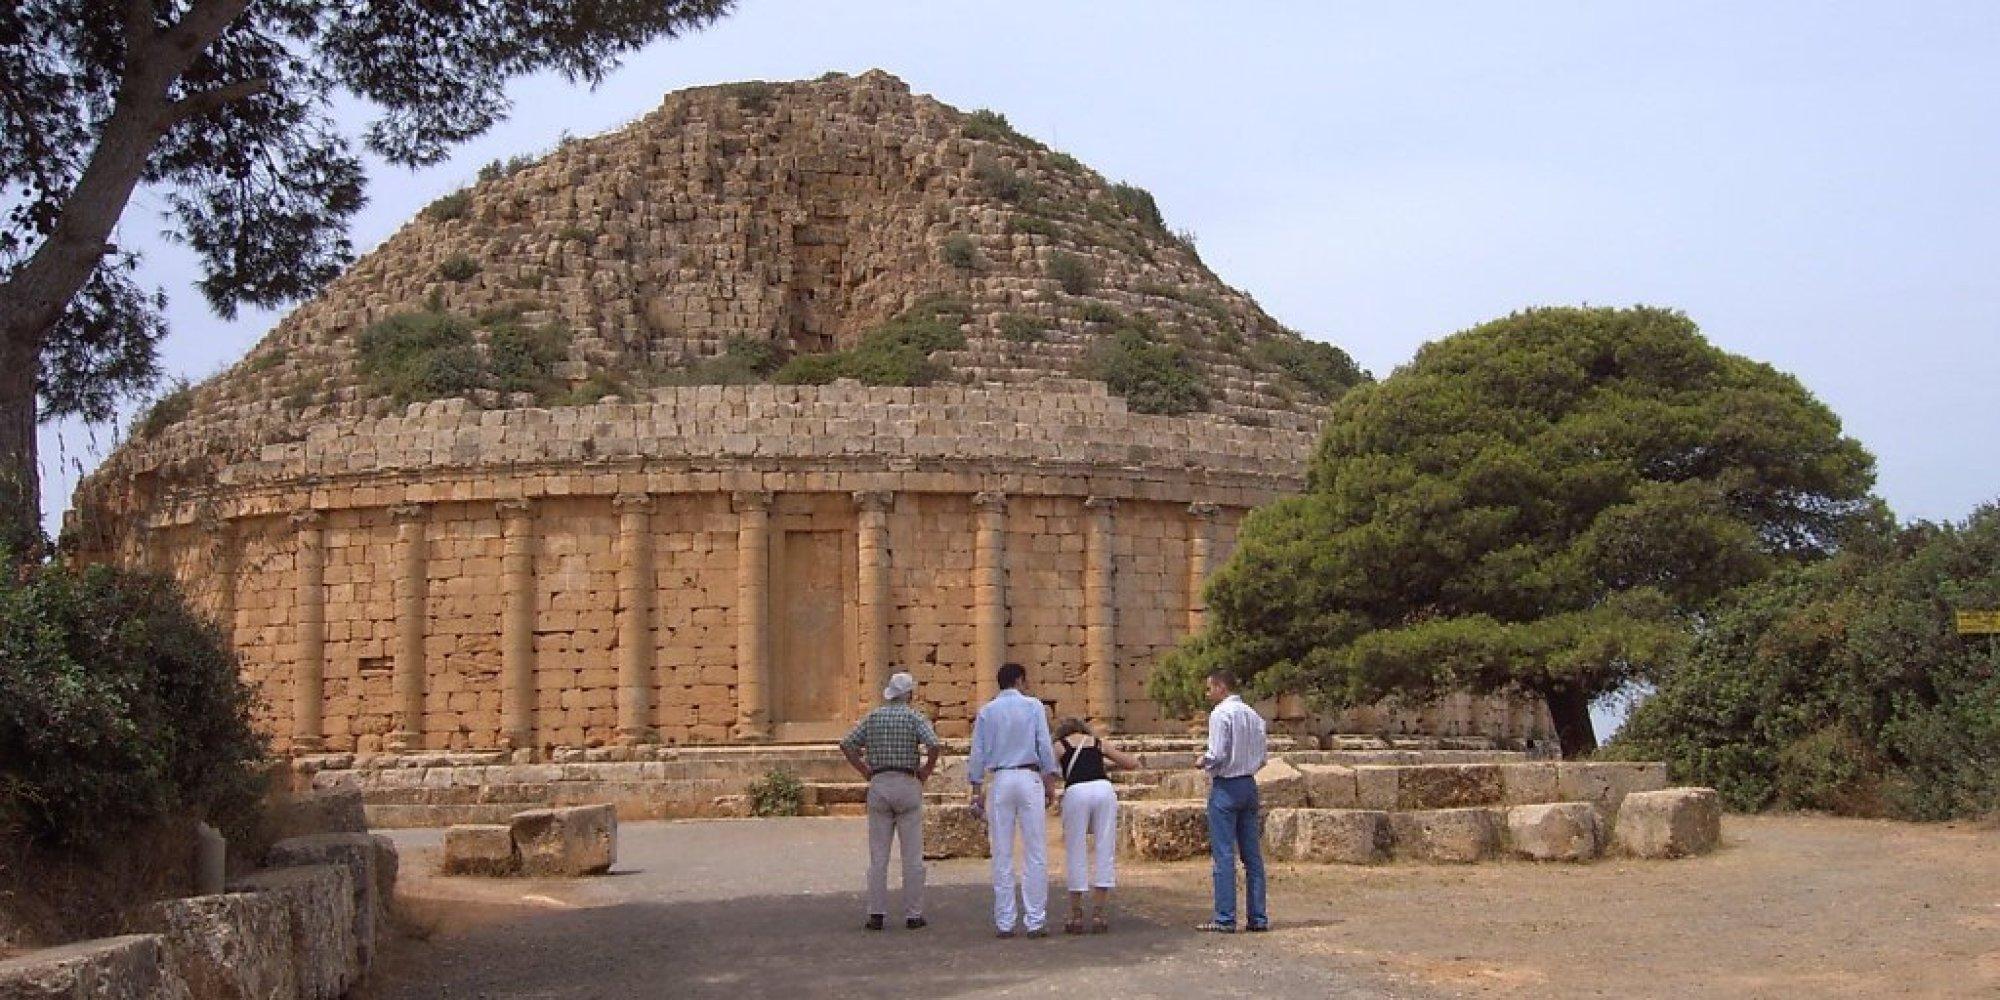 Tipaza le tombeau de la chr tienne un monument ruin par la n gligence - Les portes de l enfer turkmenistan ...